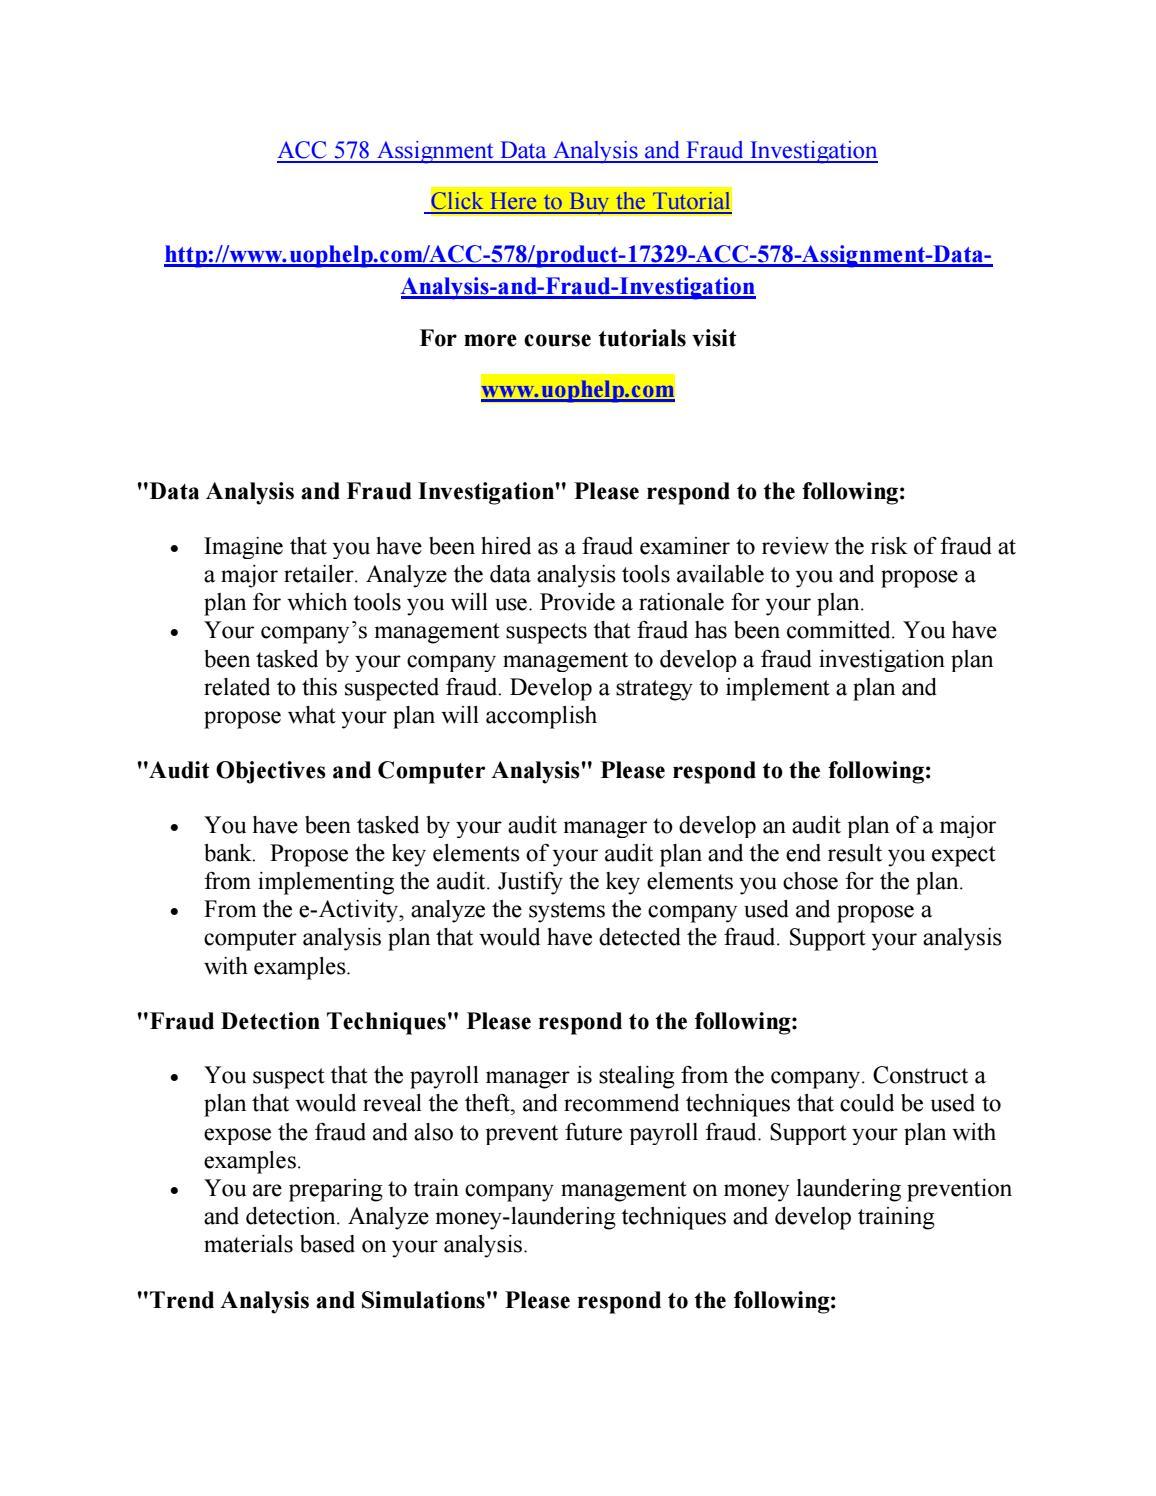 resume writing training materials